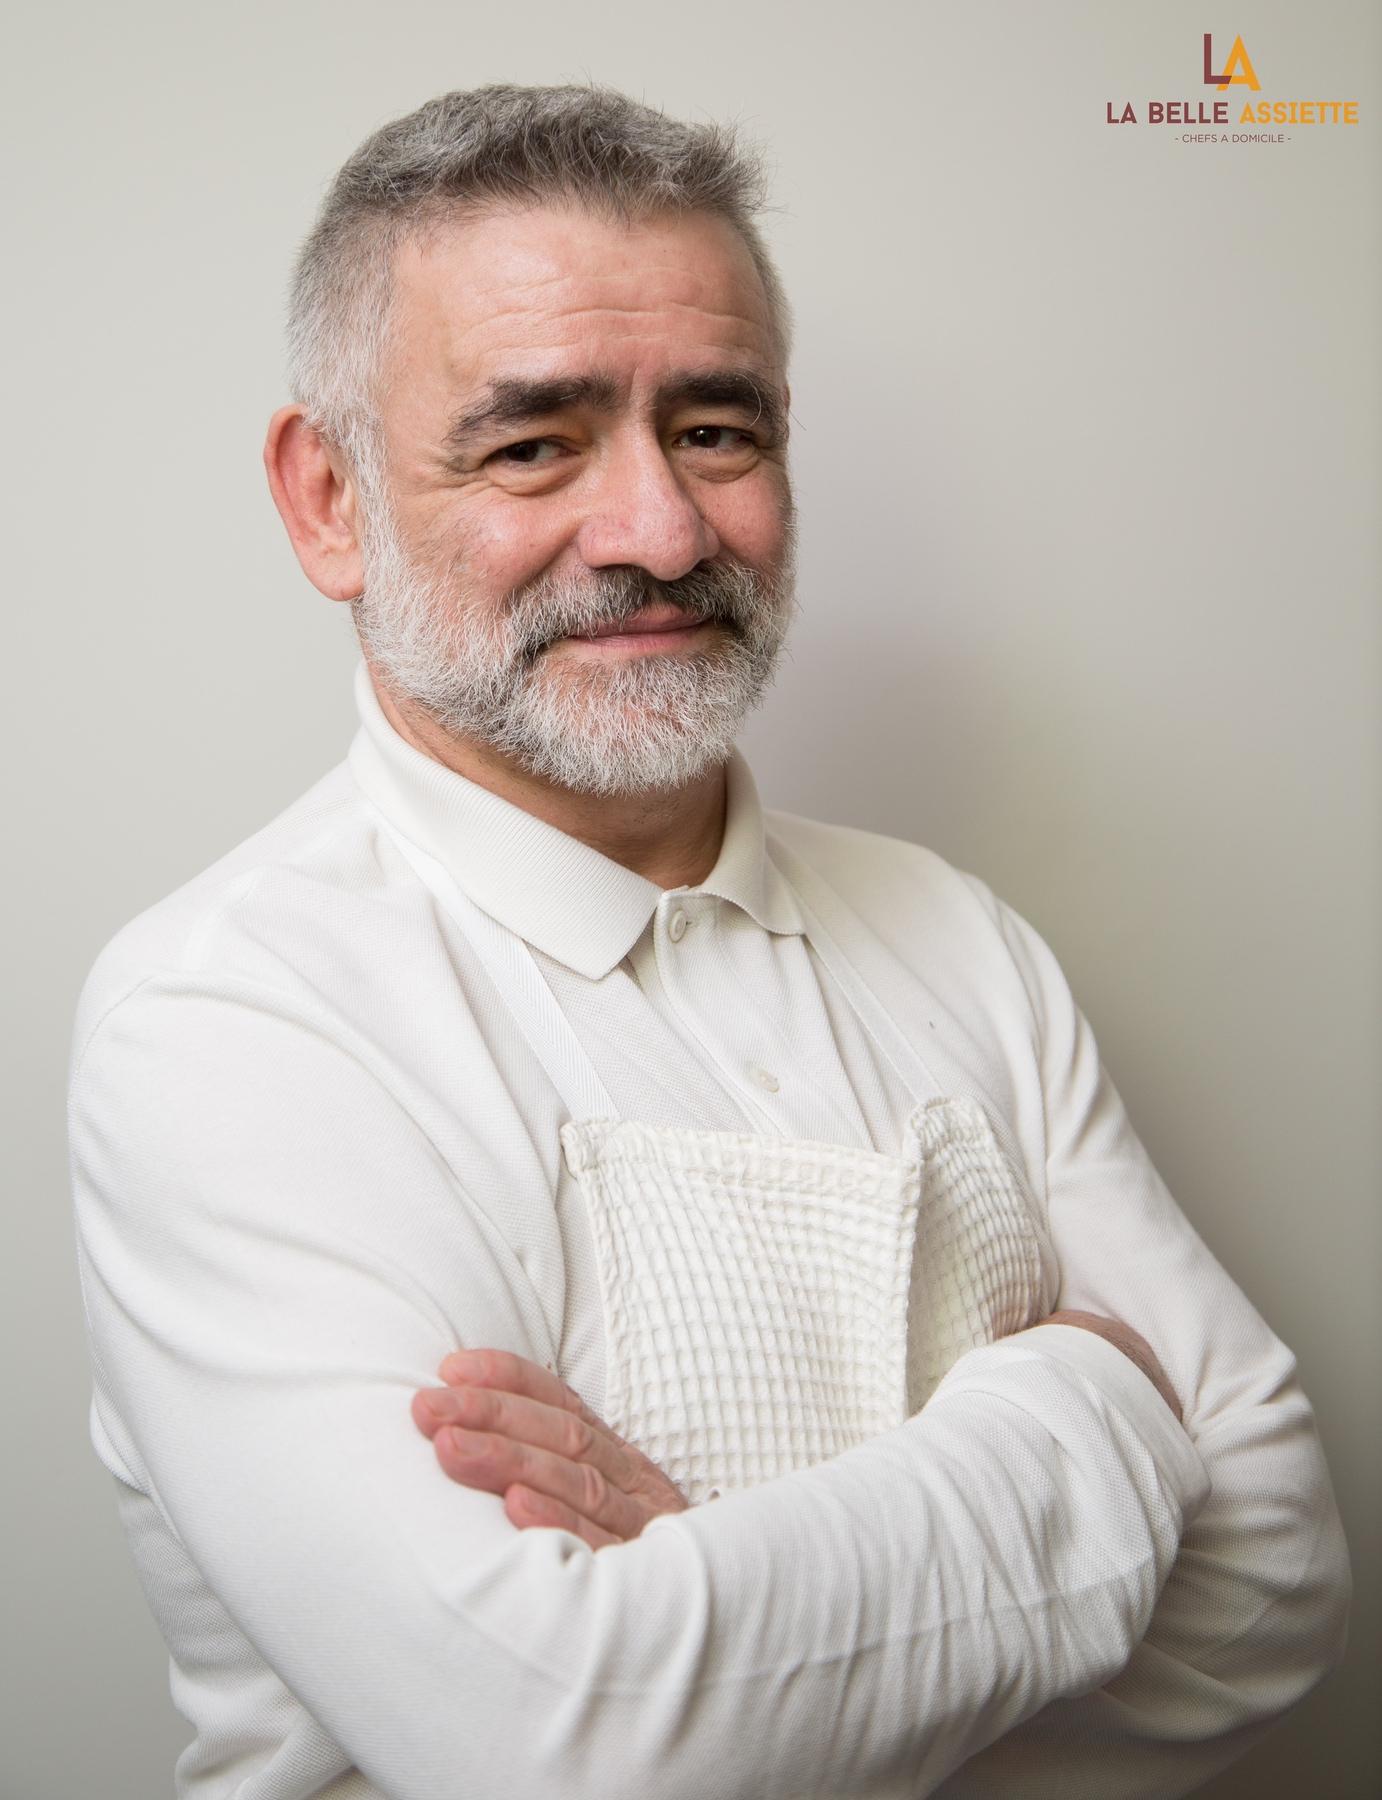 Alberto Monaci